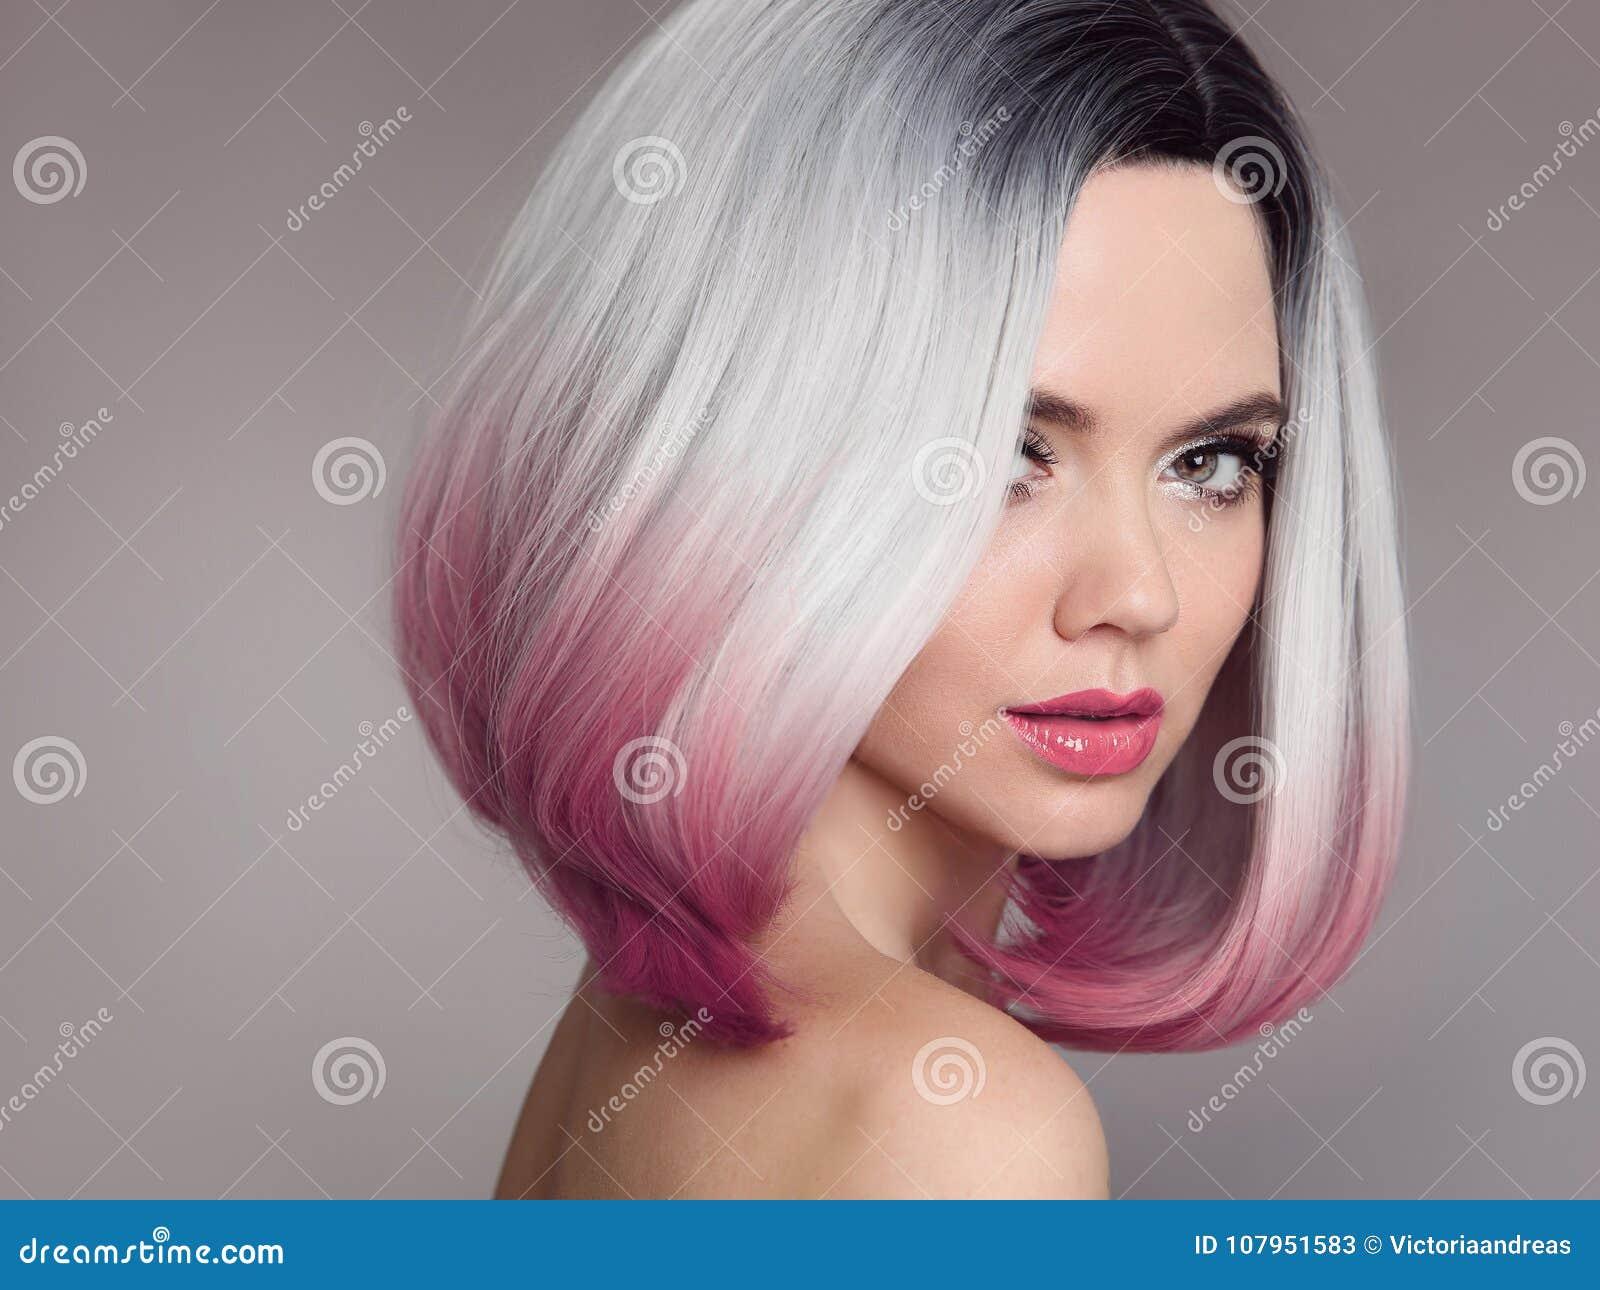 Ombre突然移动短小发型 美丽的头发染色妇女 Fashio